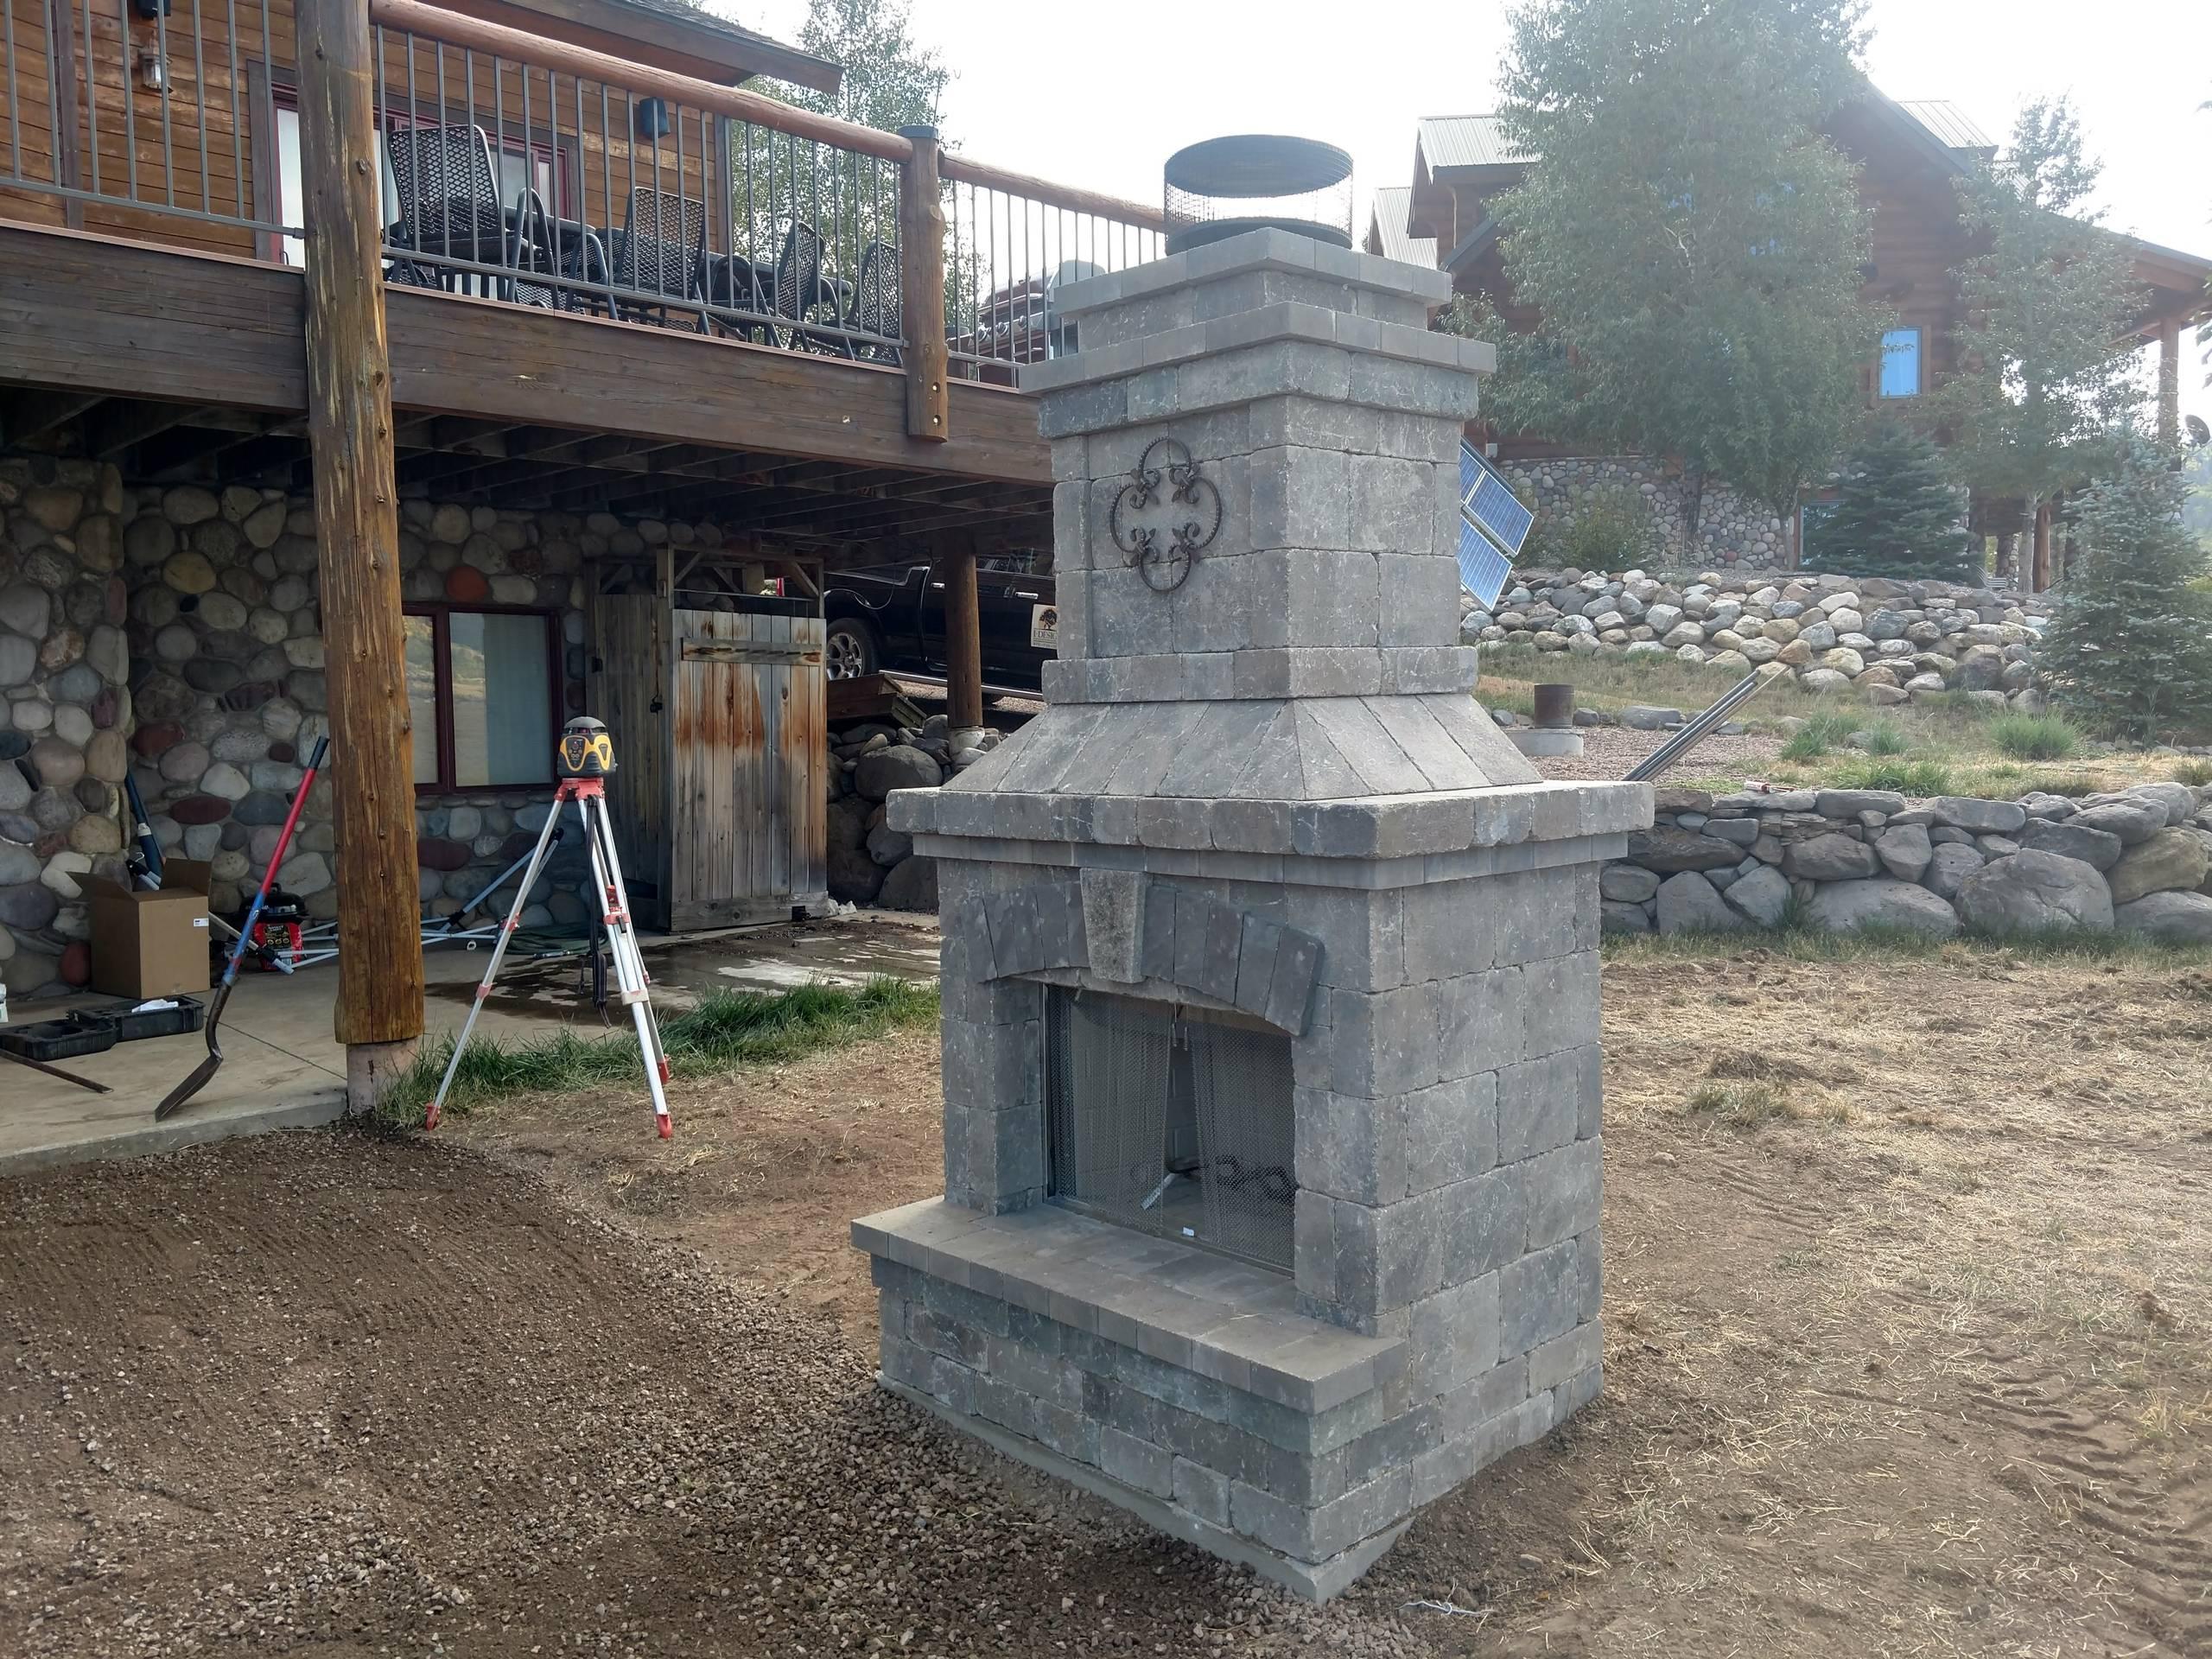 Daukin outdoor patio and fireplace